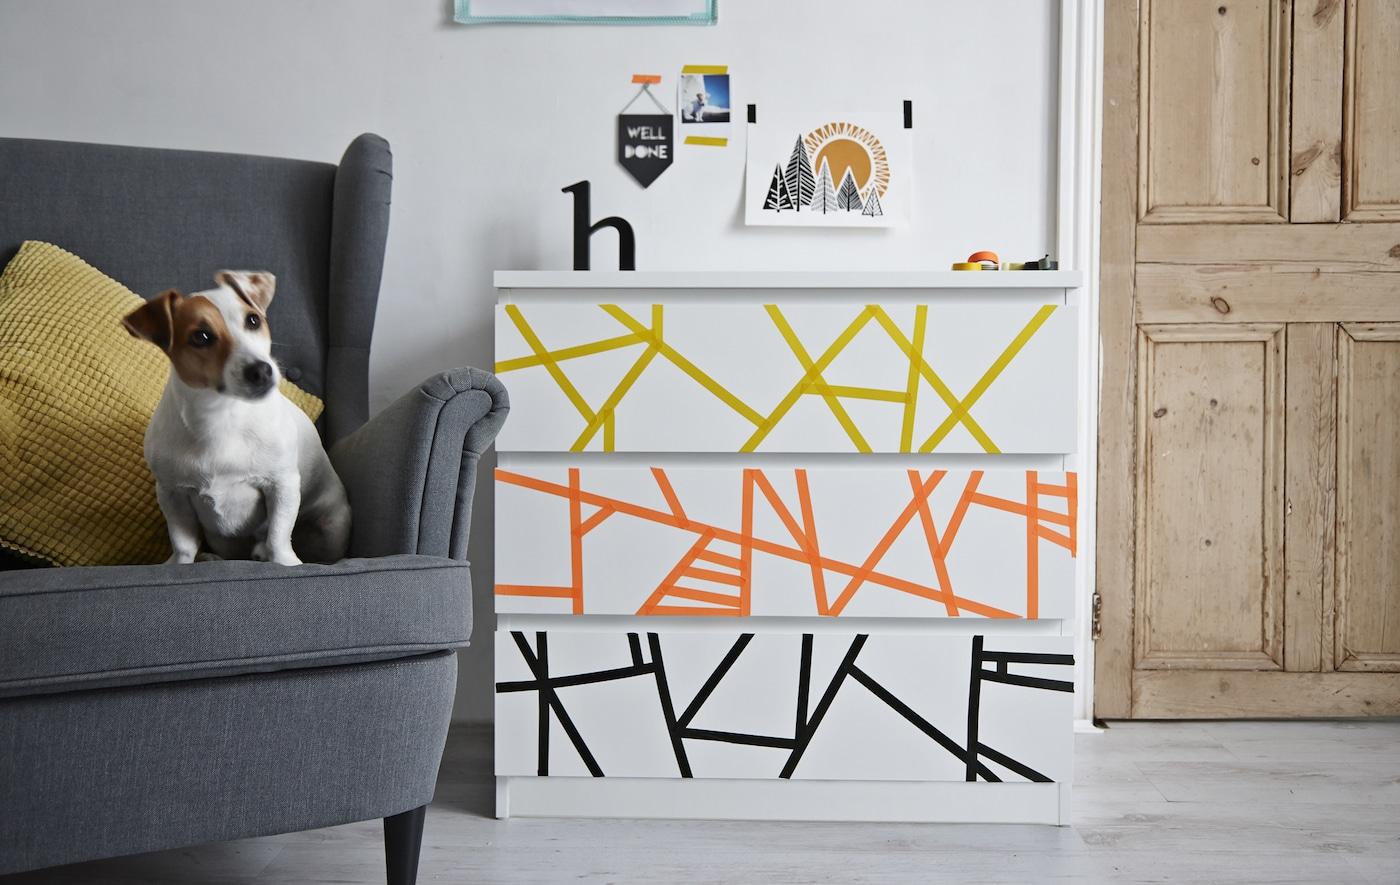 Eine Kommode, mit gelben, orangen & schwarzen Klebeband dekoriert, steht neben einem grauen Sessel mit einem Hund.